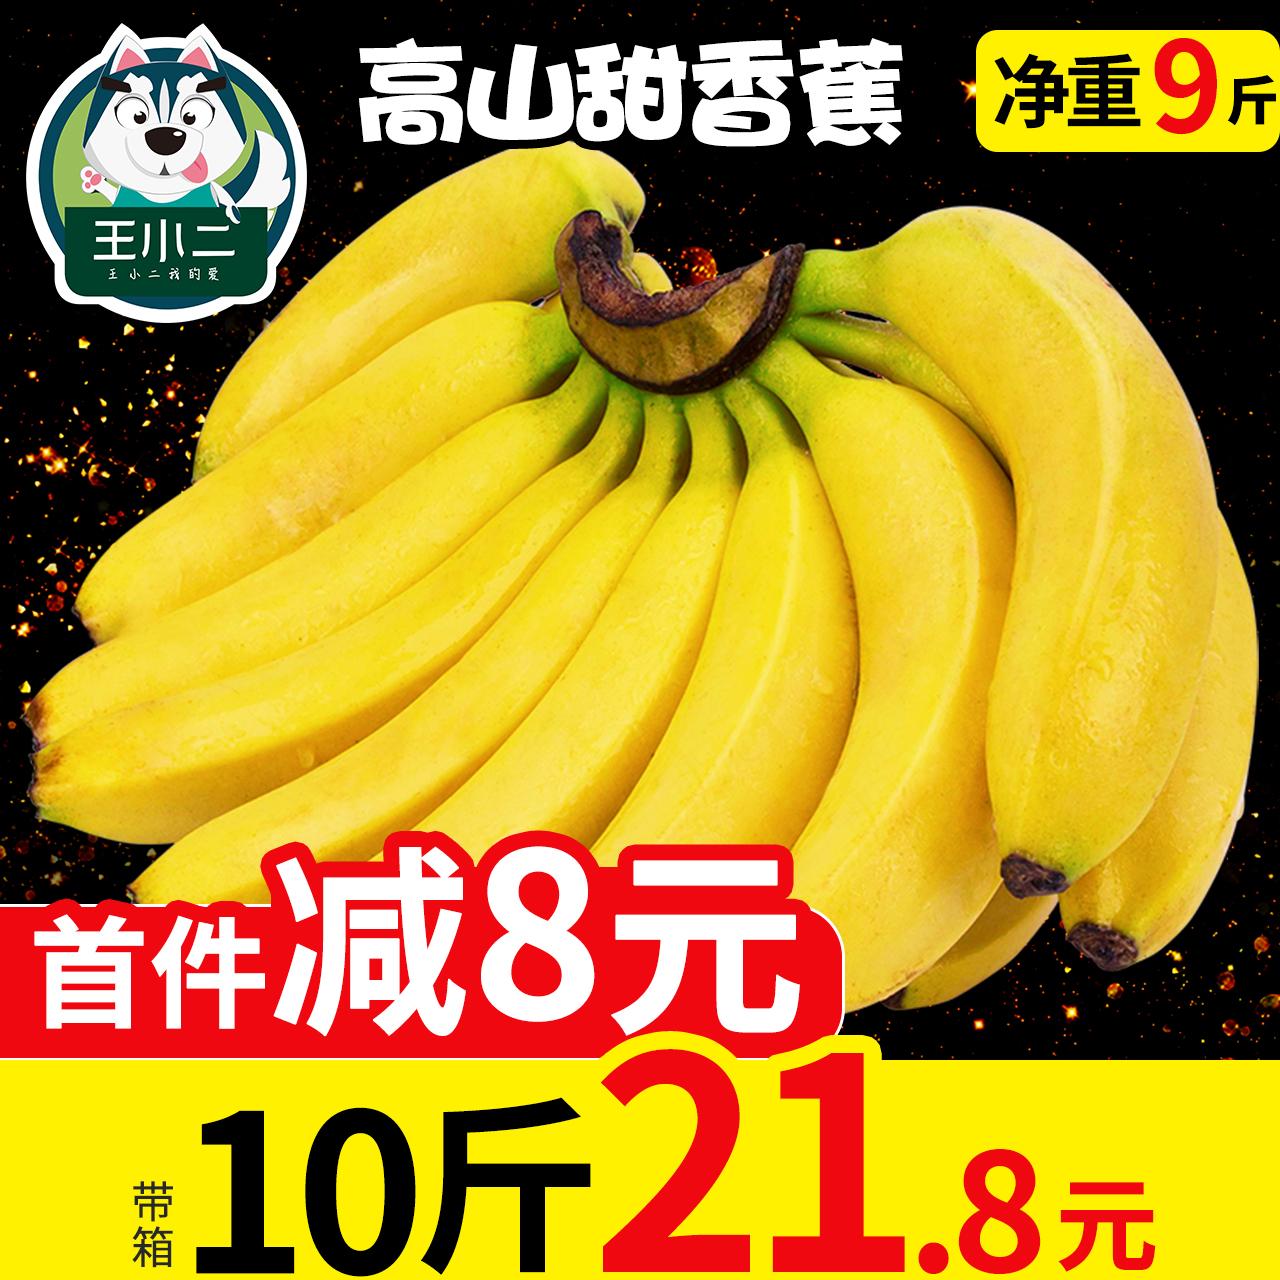 王小二 高山香甜大香蕉新鲜当季水果包邮整箱应季10芭蕉大蕉9斤